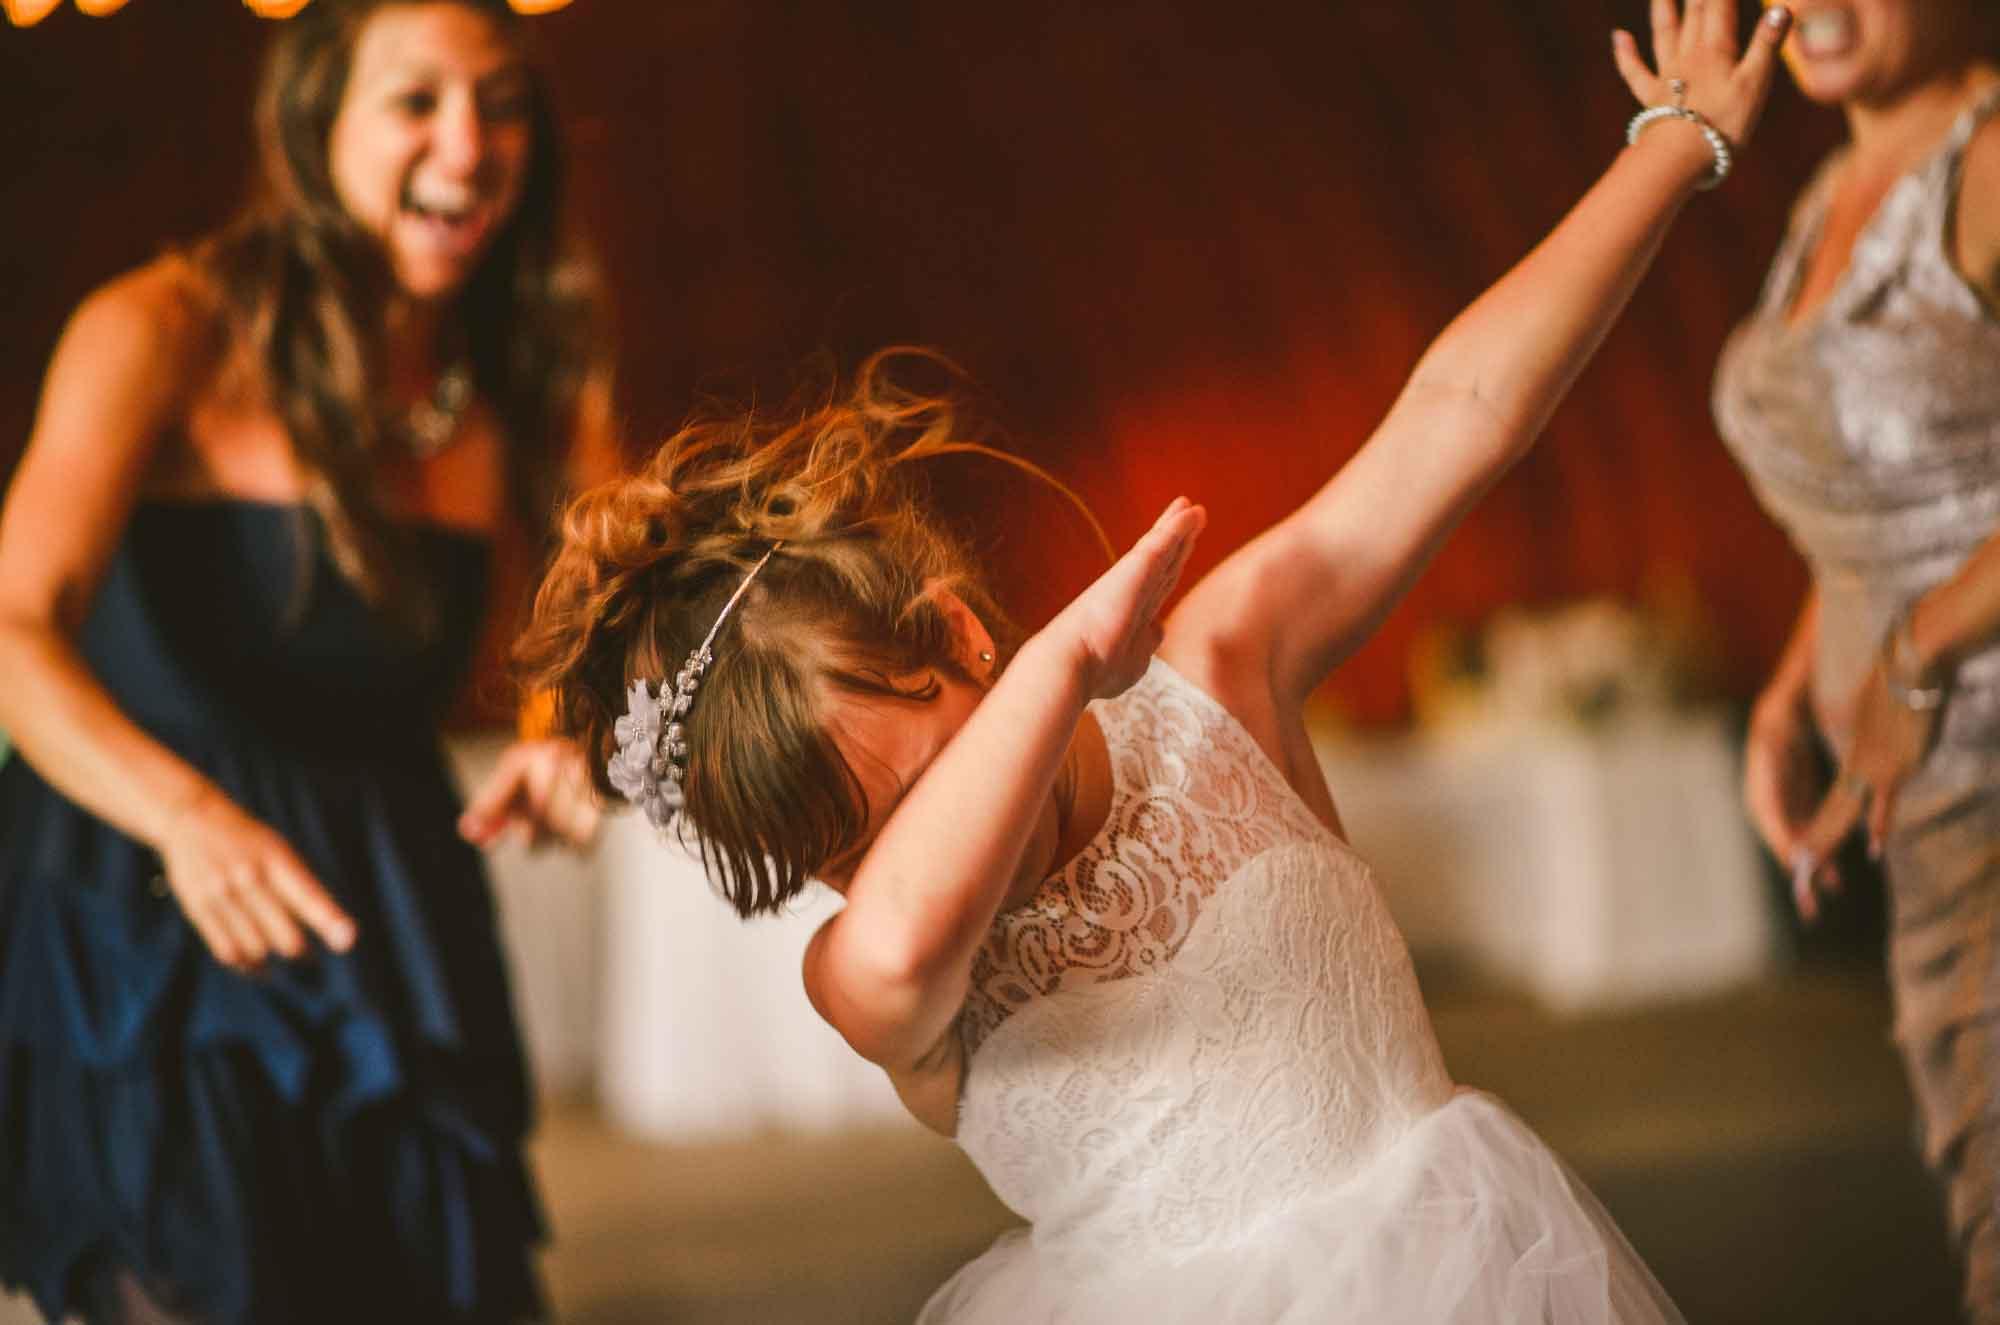 31-flower-girl-dab-wedding-reception.jpg